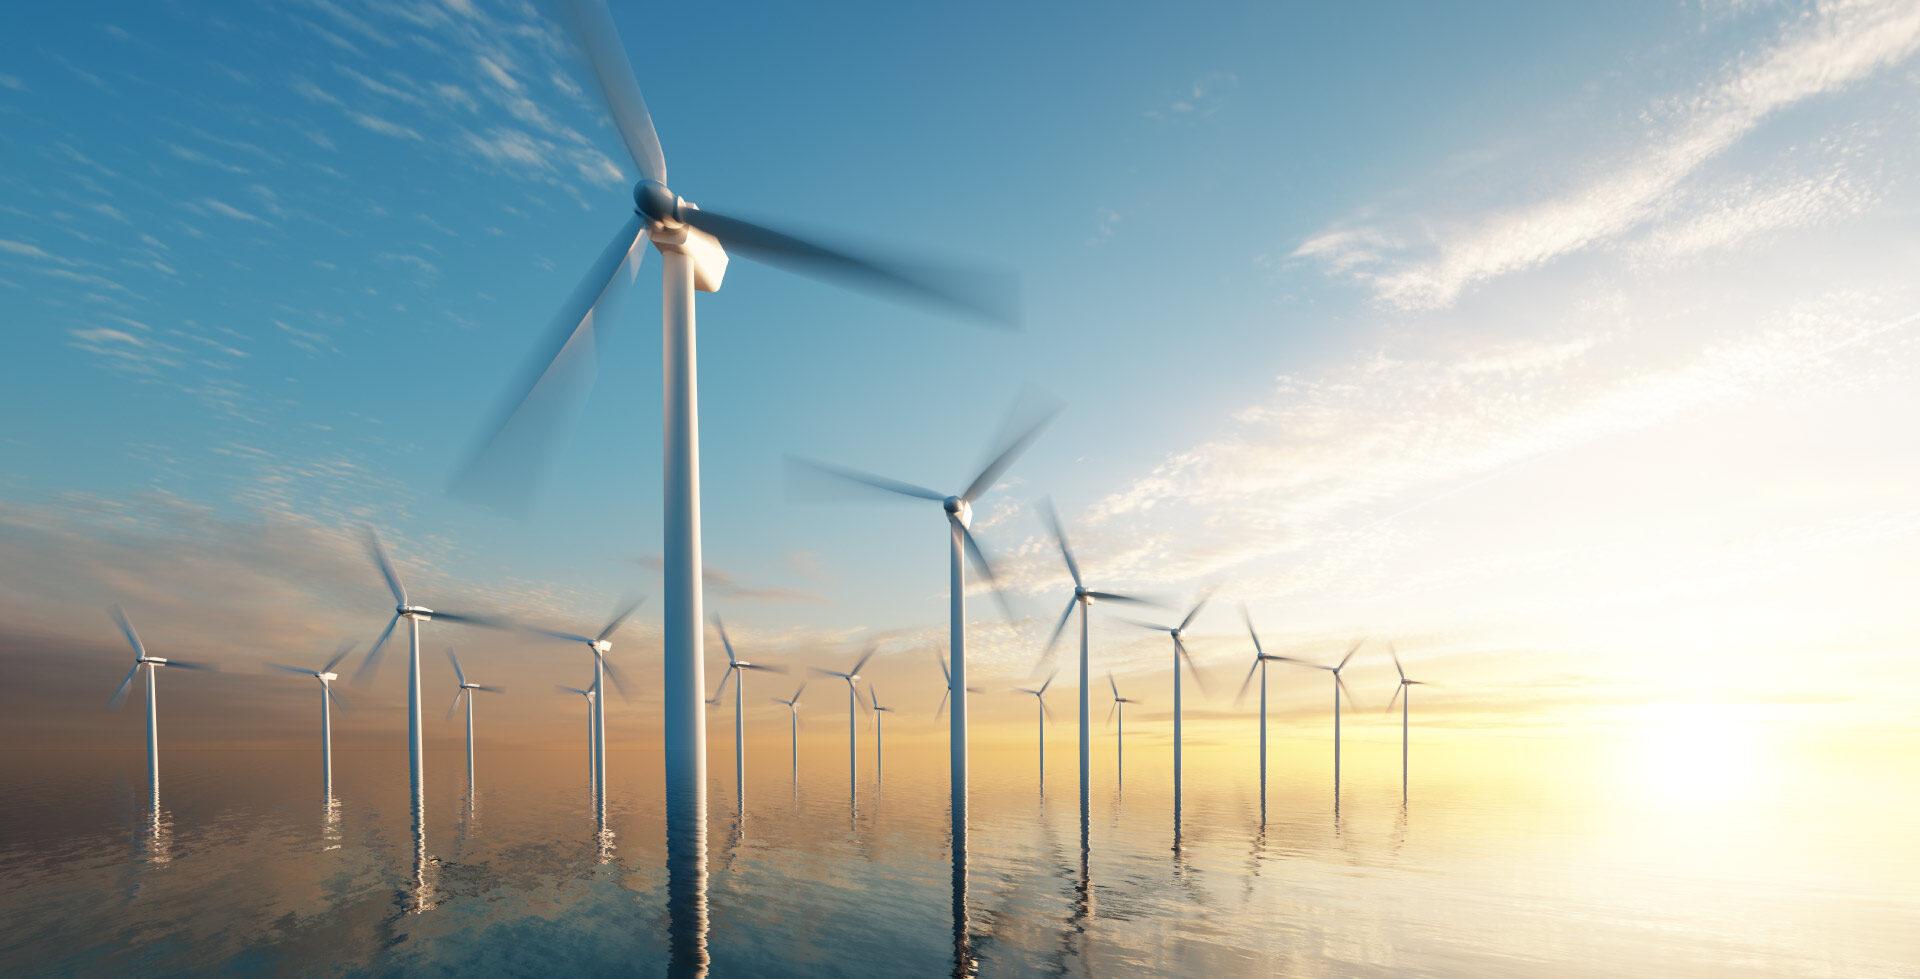 energía_eolica_apertura-viento-sostenibilidad-renovable-no contaminante-fuentes-combustibles